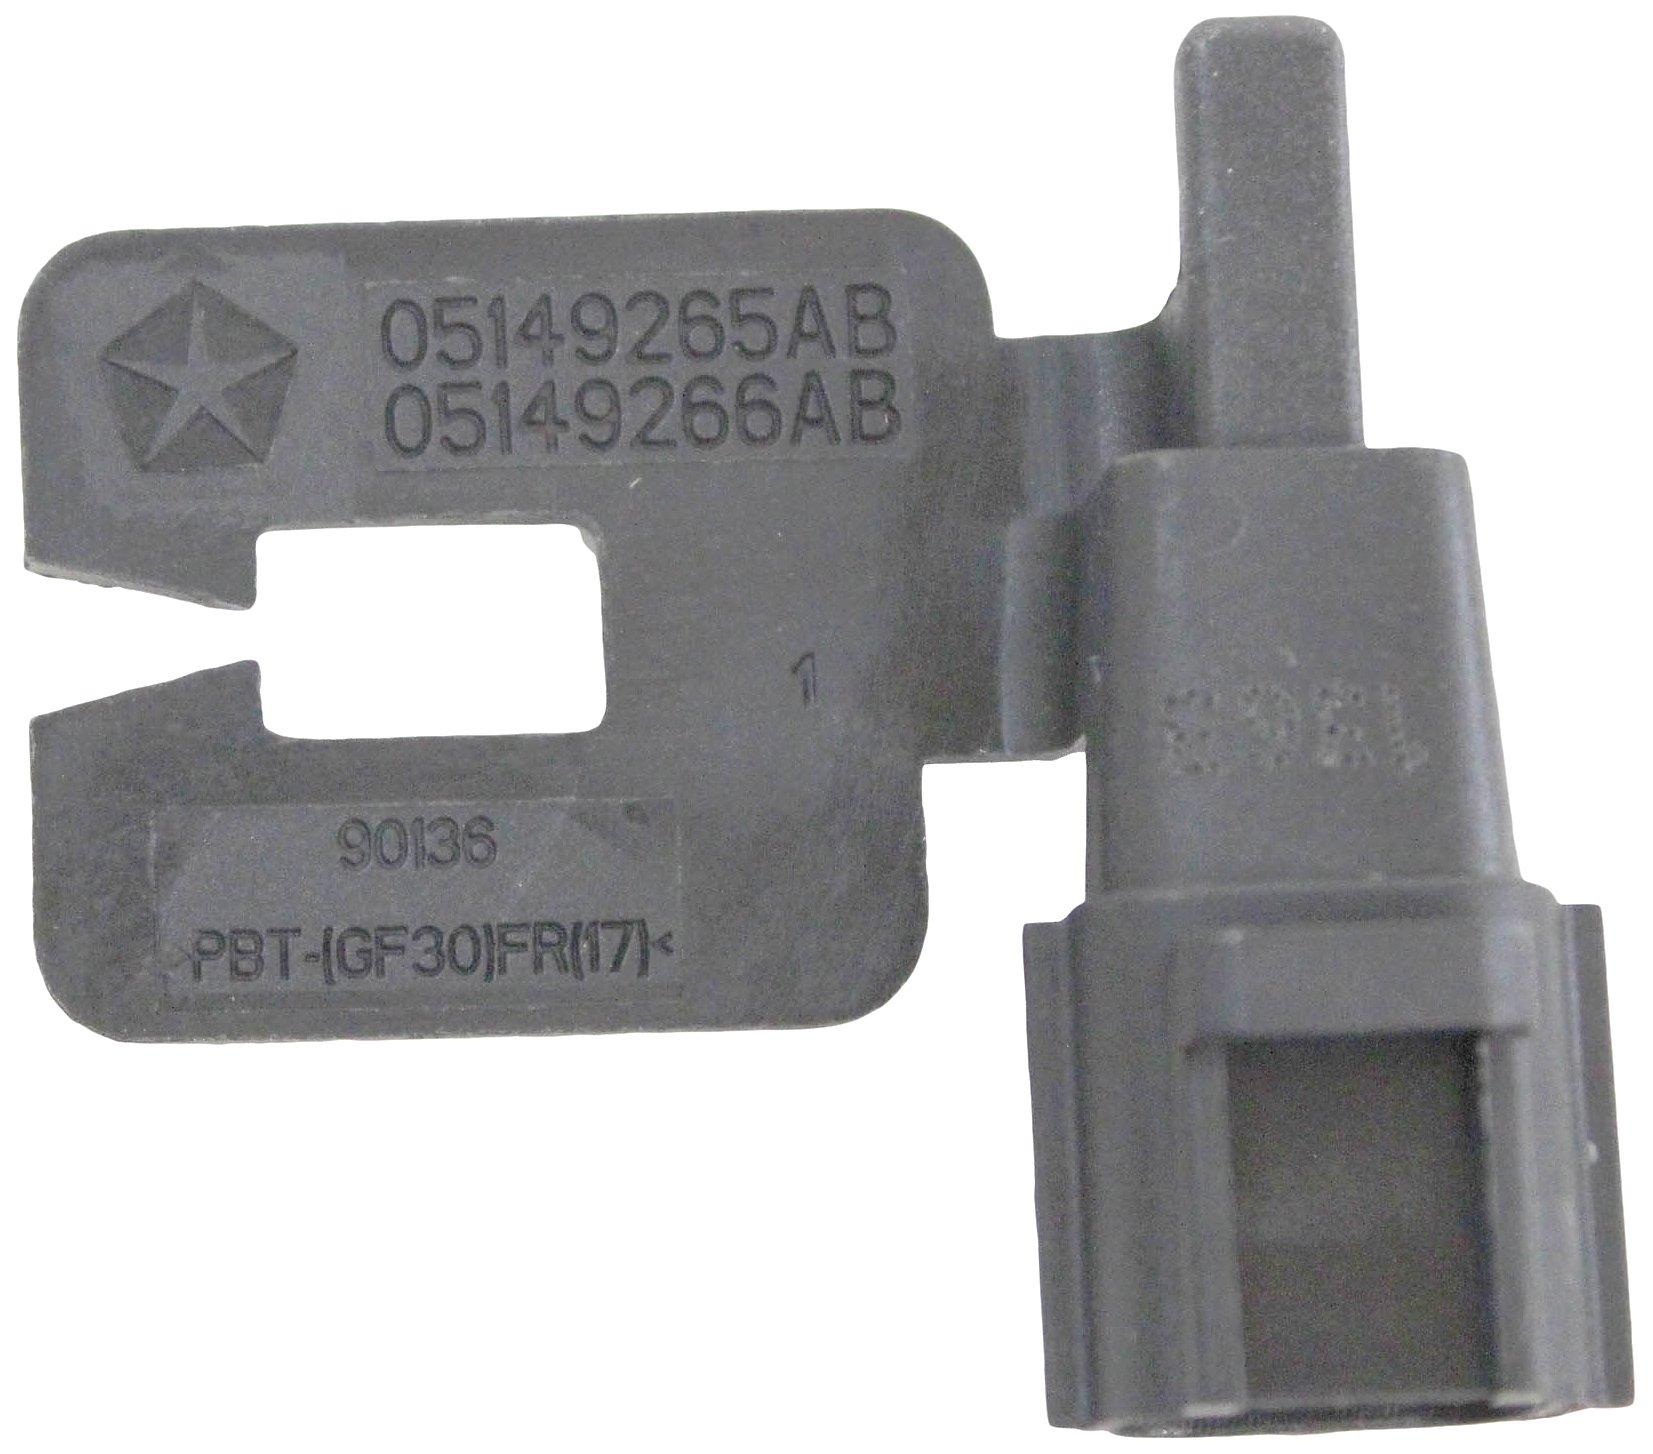 Genuine Chrysler 5149265AB Ambient Temperature Sensor